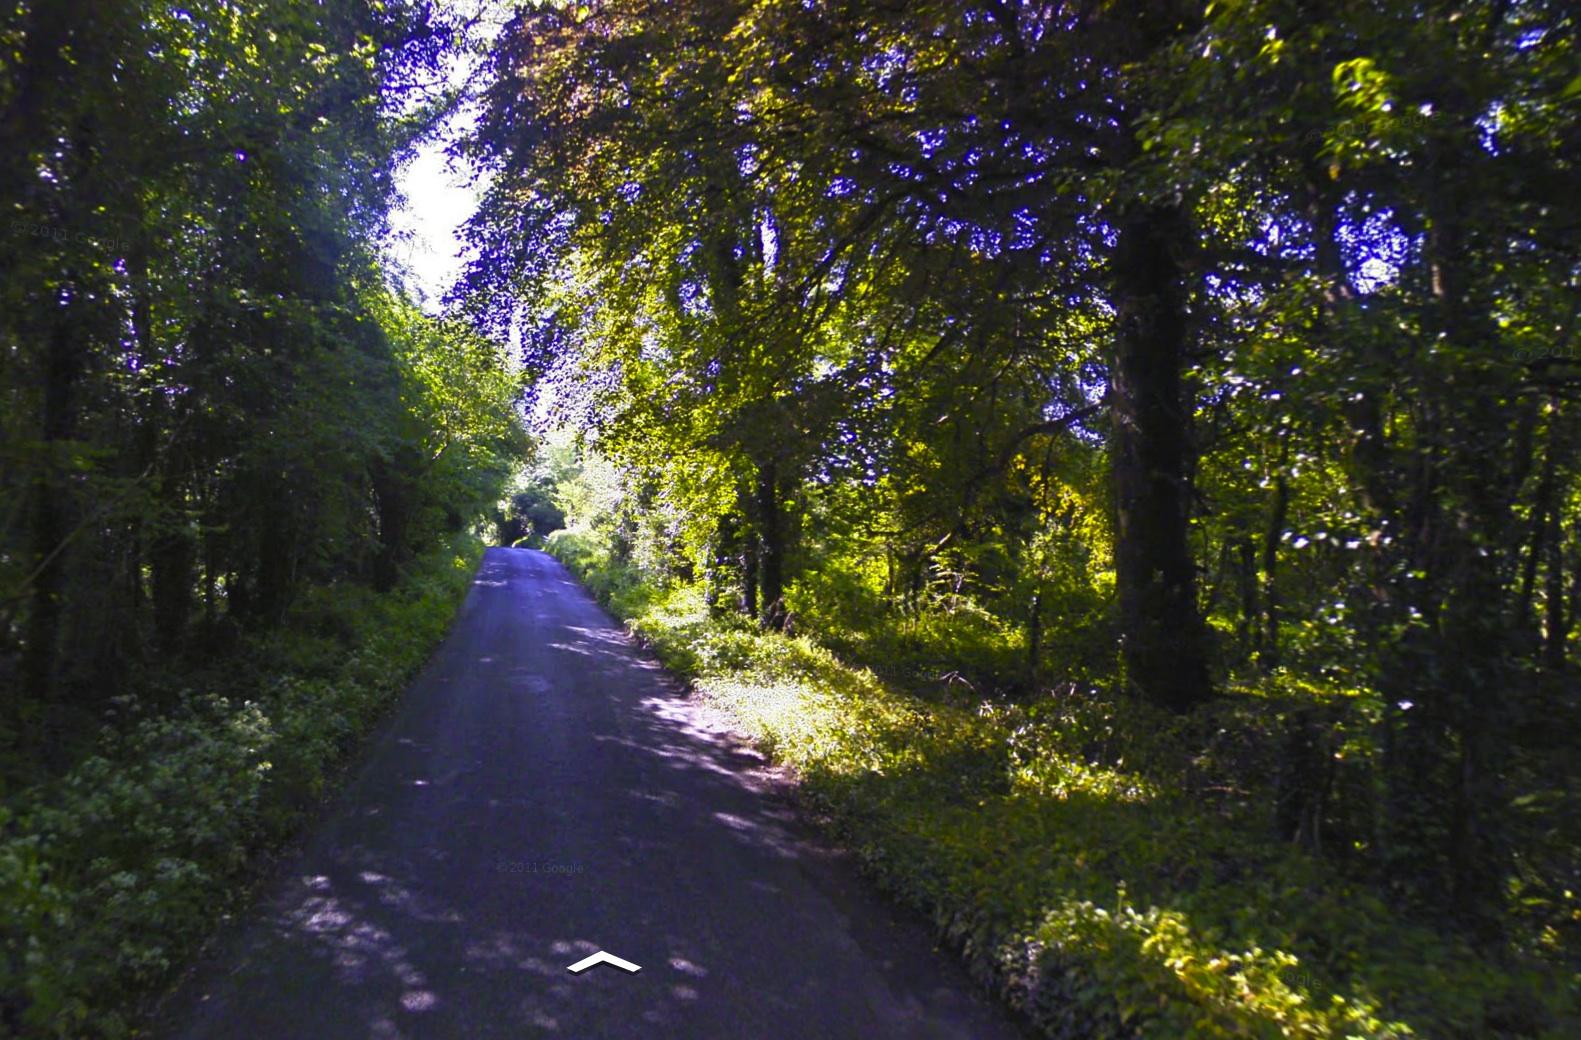 Cratloe Woods, June 2009 (Google Maps Street View)